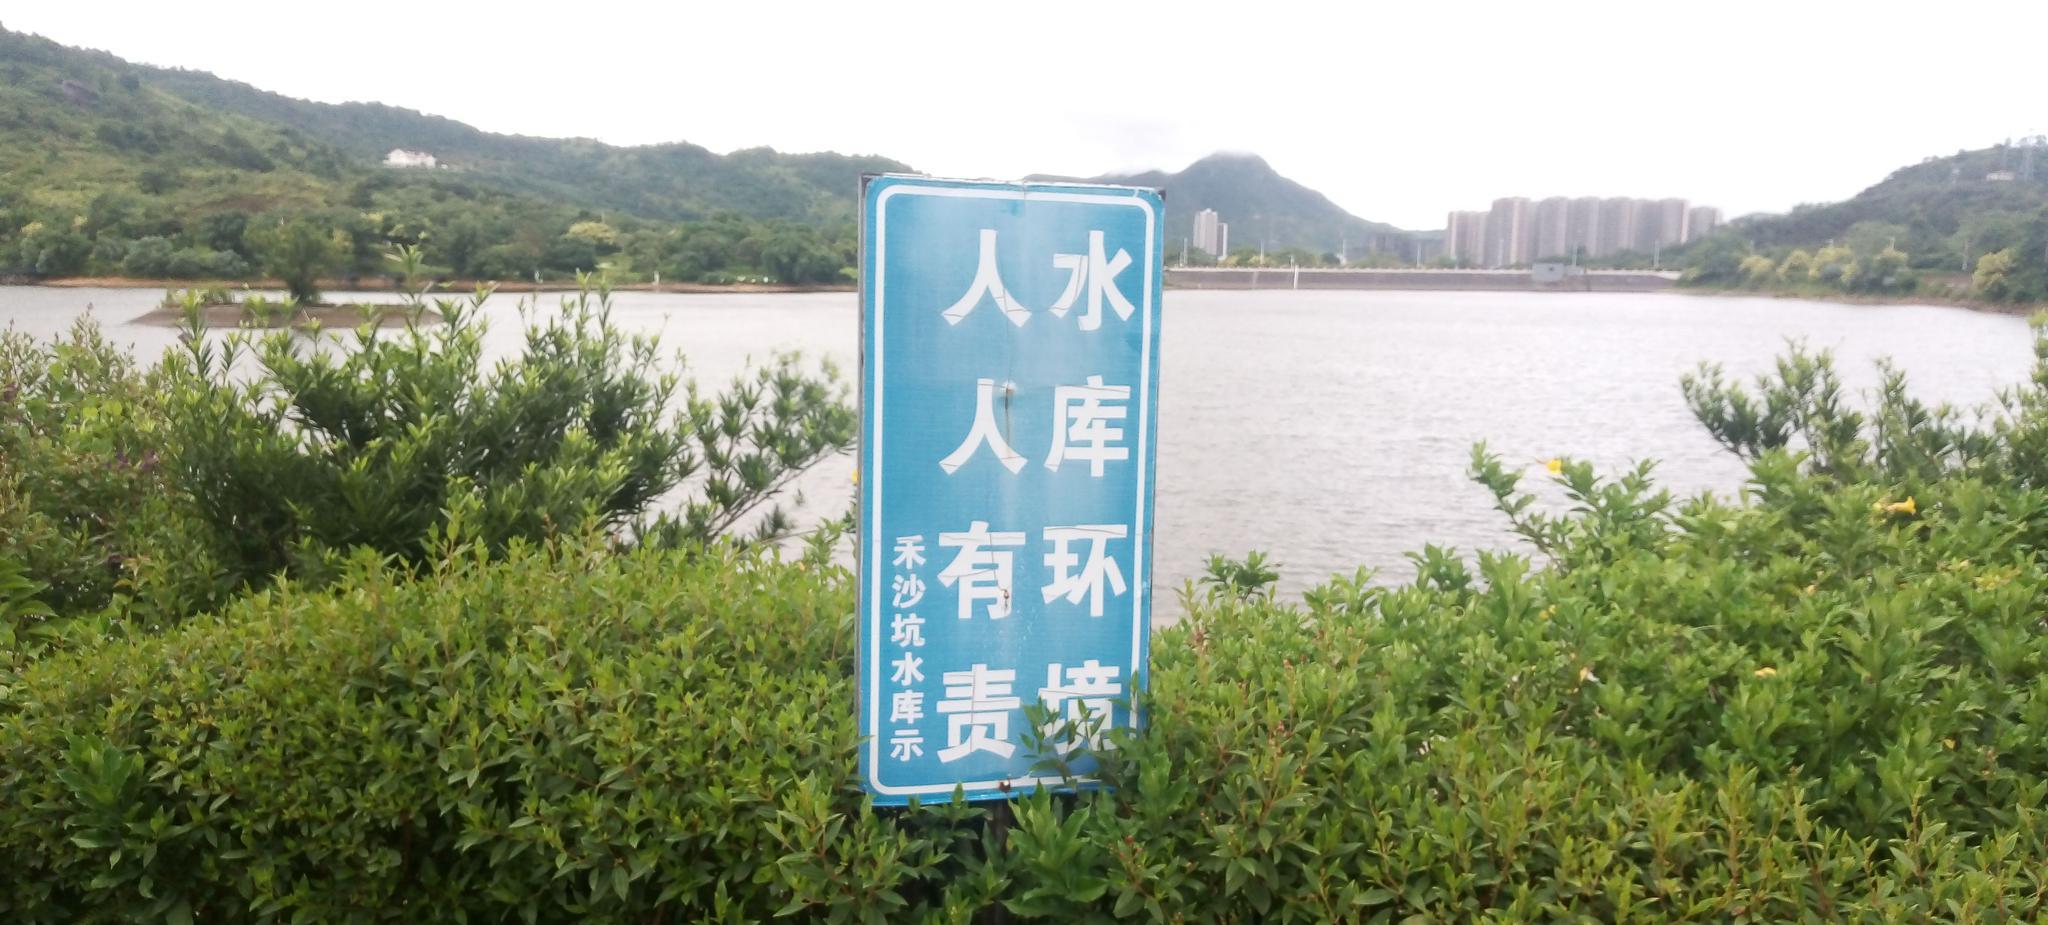 惠州十里银滩附近有个美丽的禾沙坑水库,你们听说过吗?